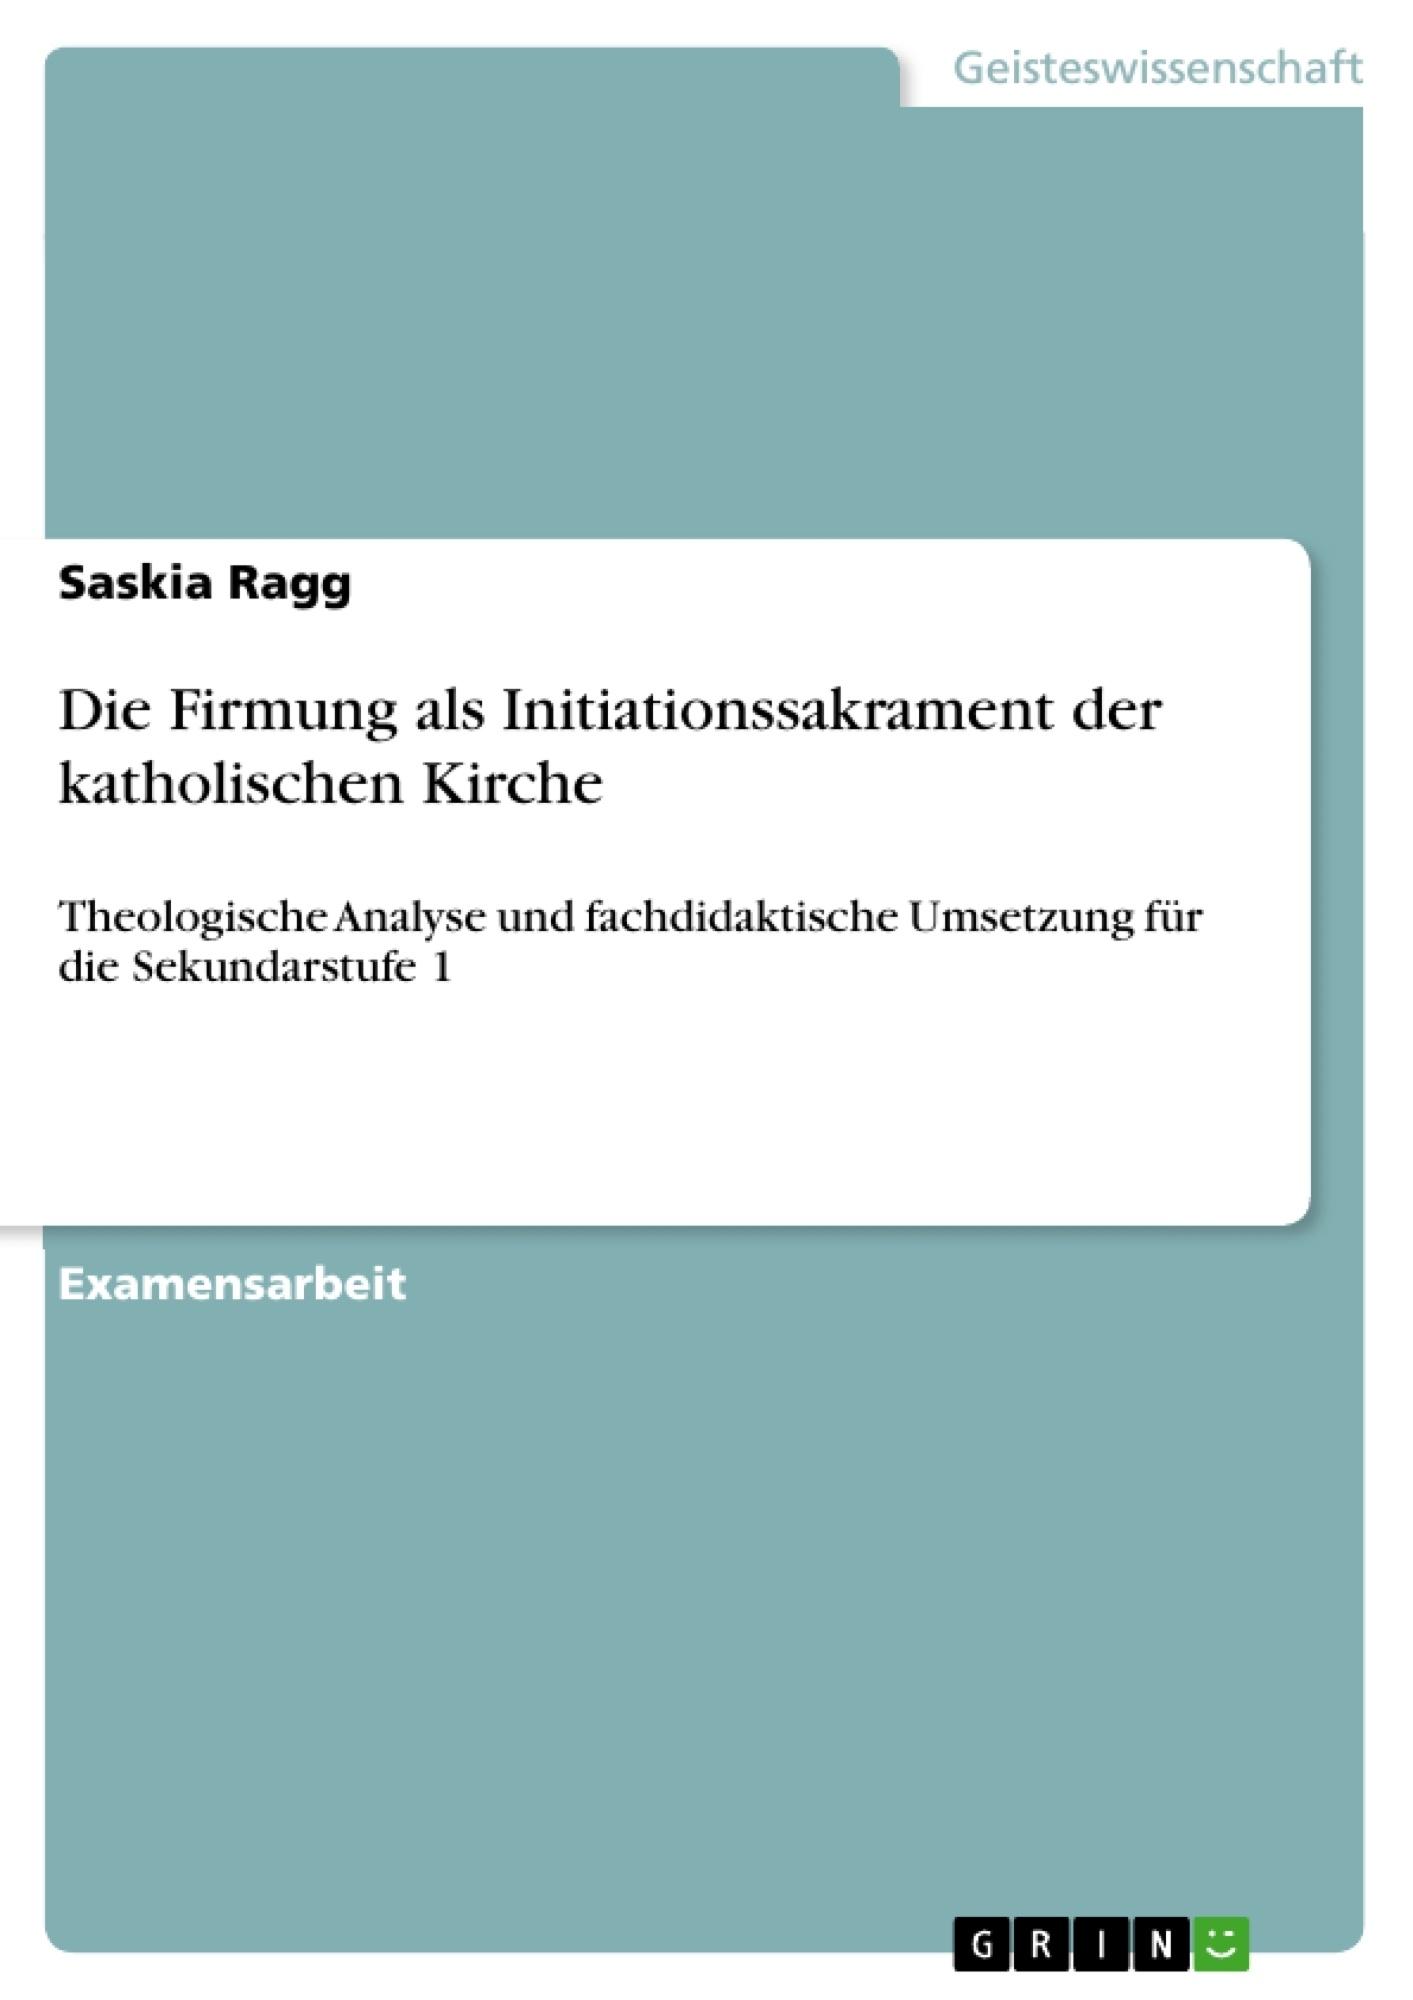 Titel: Die Firmung als Initiationssakrament der katholischen Kirche